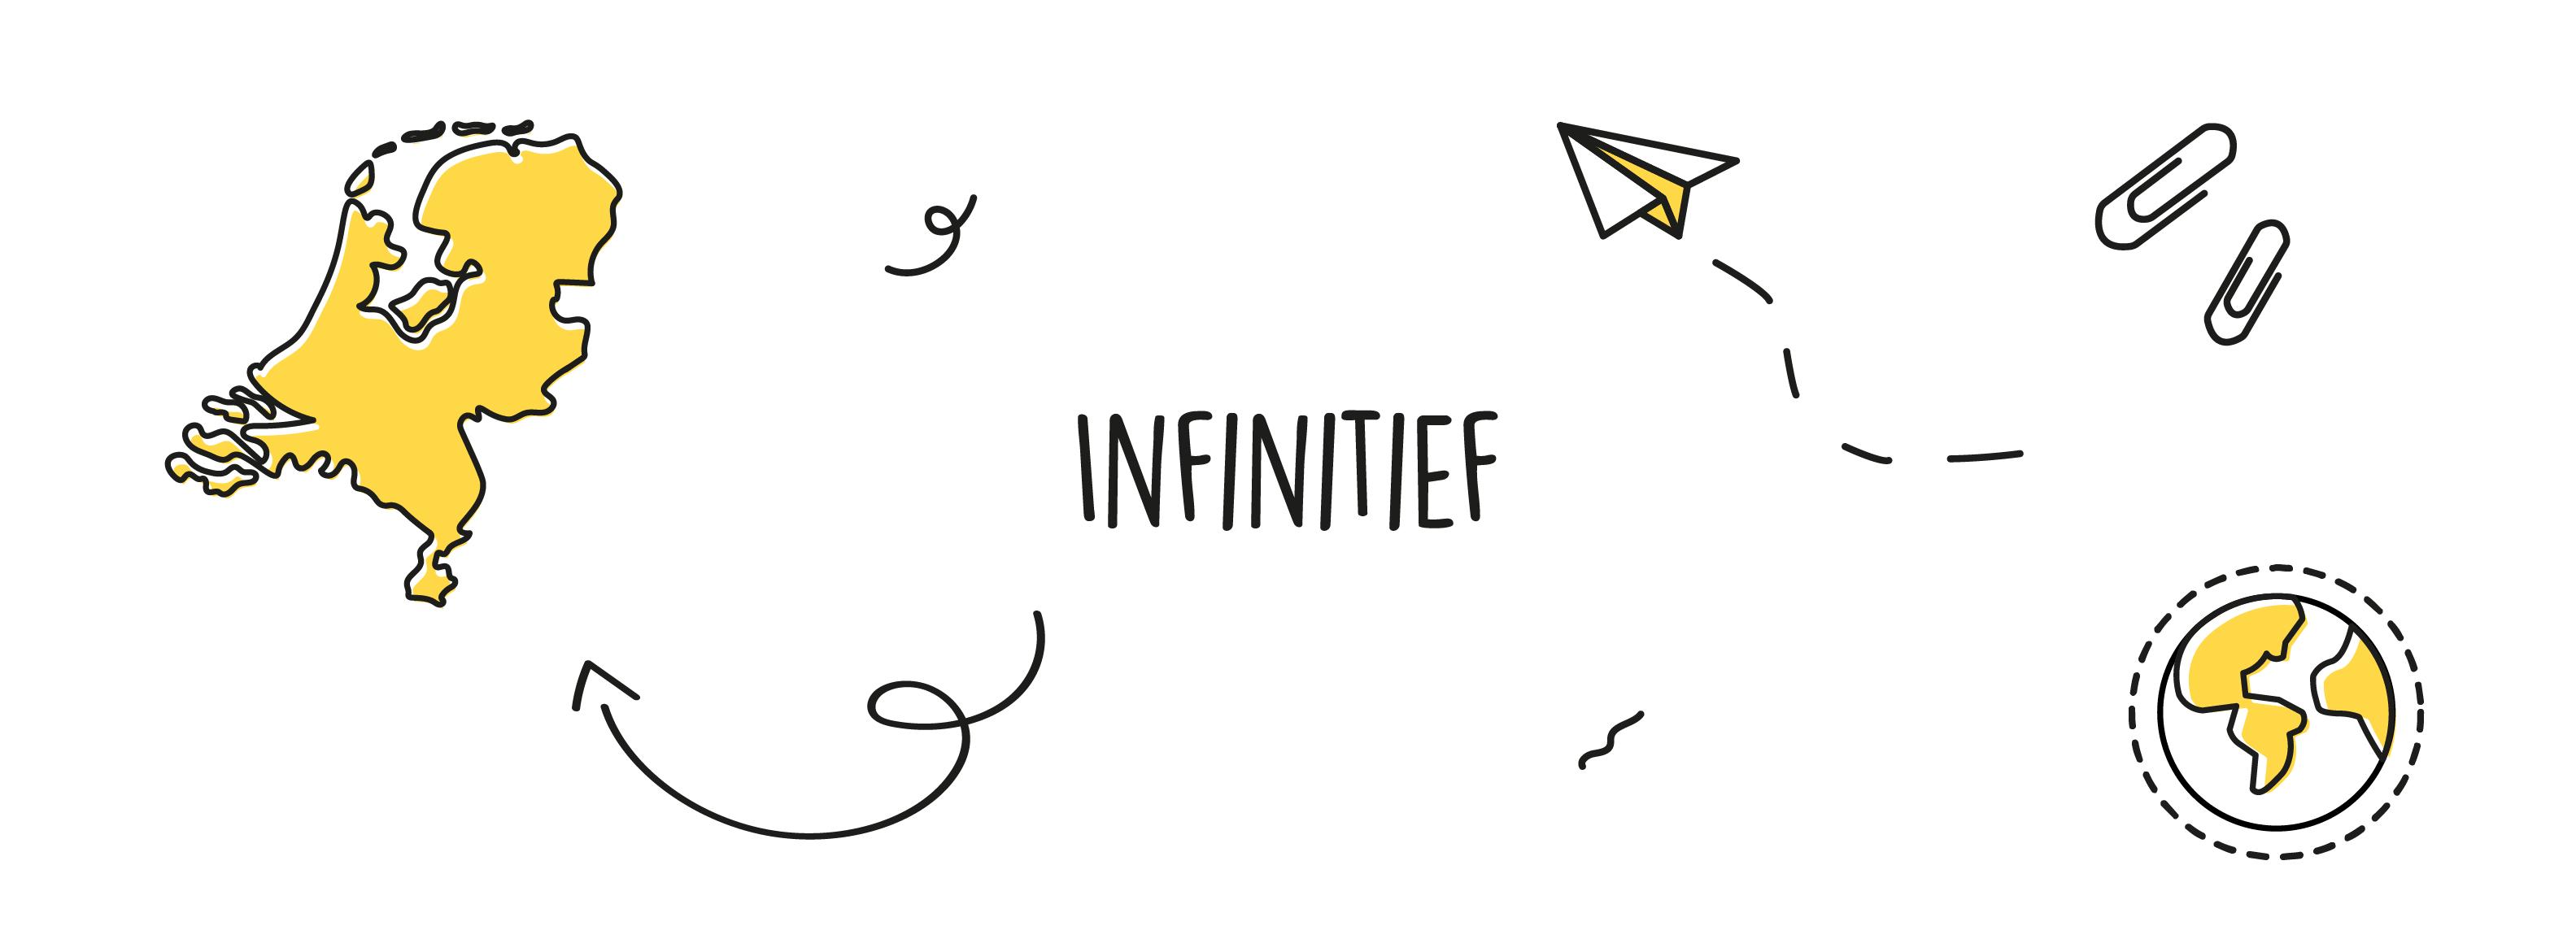 Infinitief